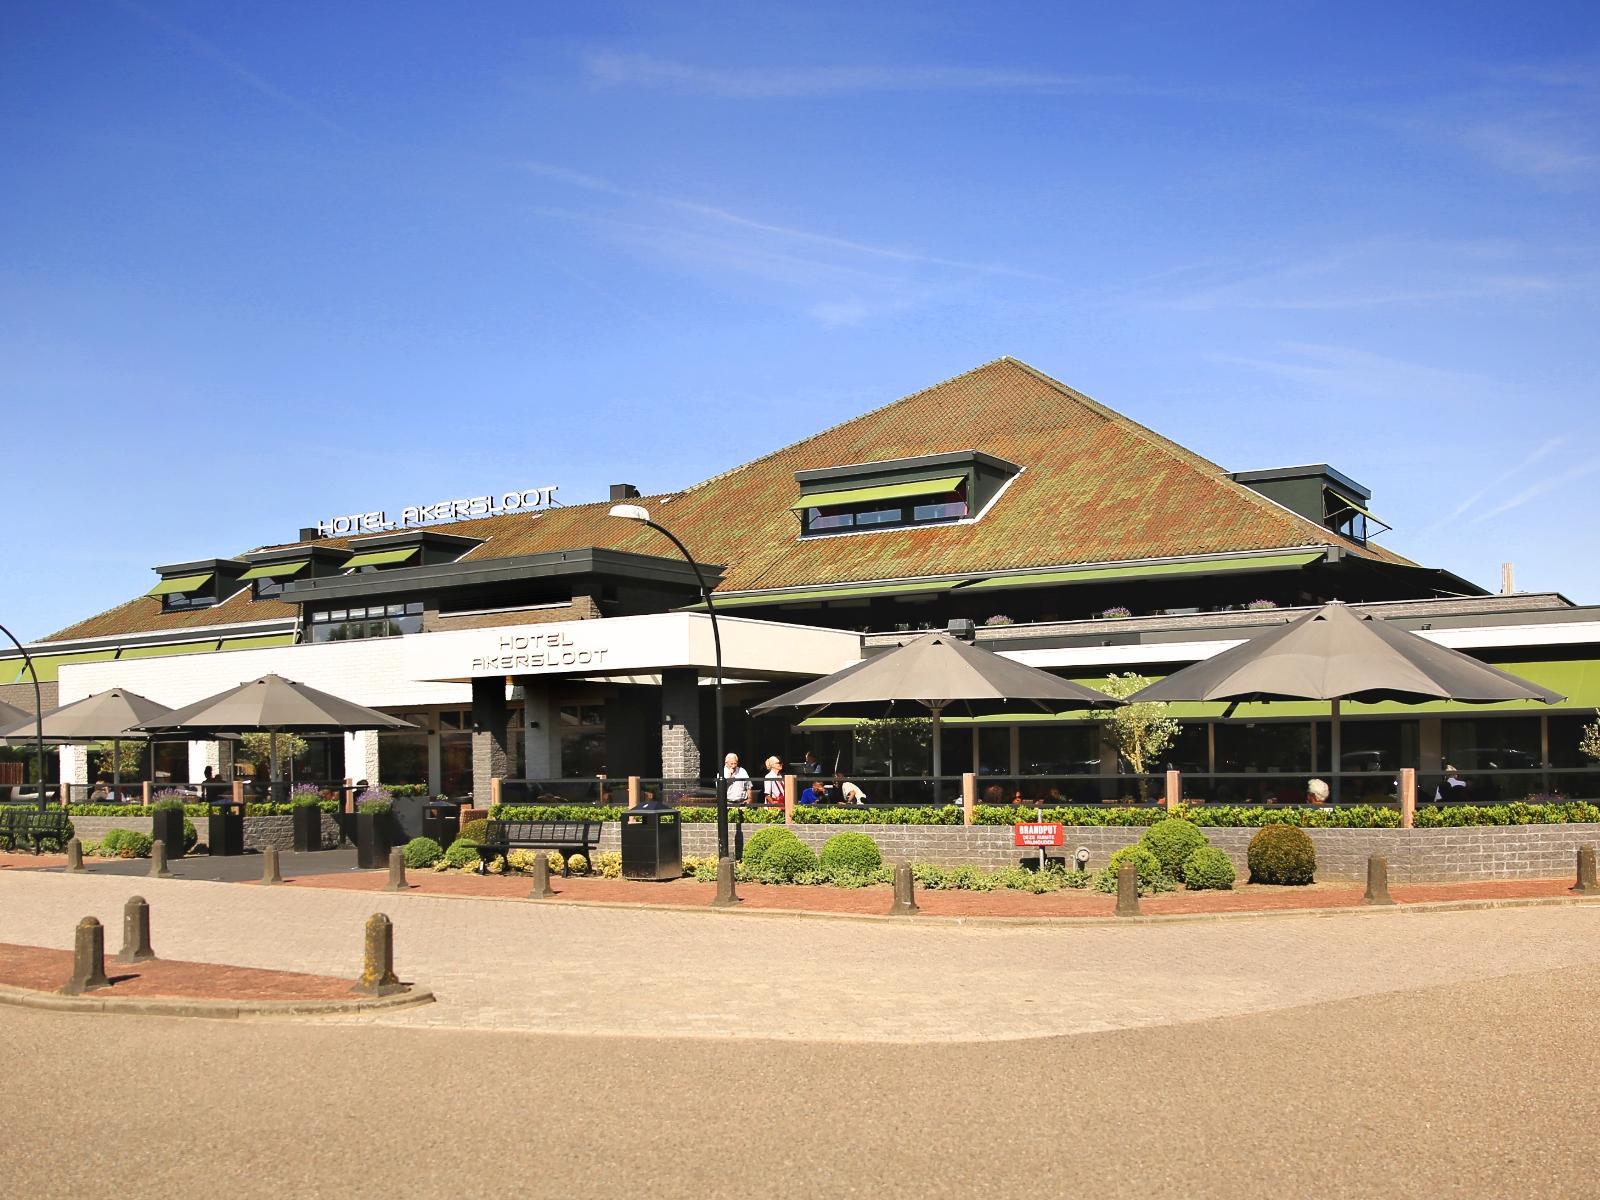 Van der Valk Hotel Akersloot